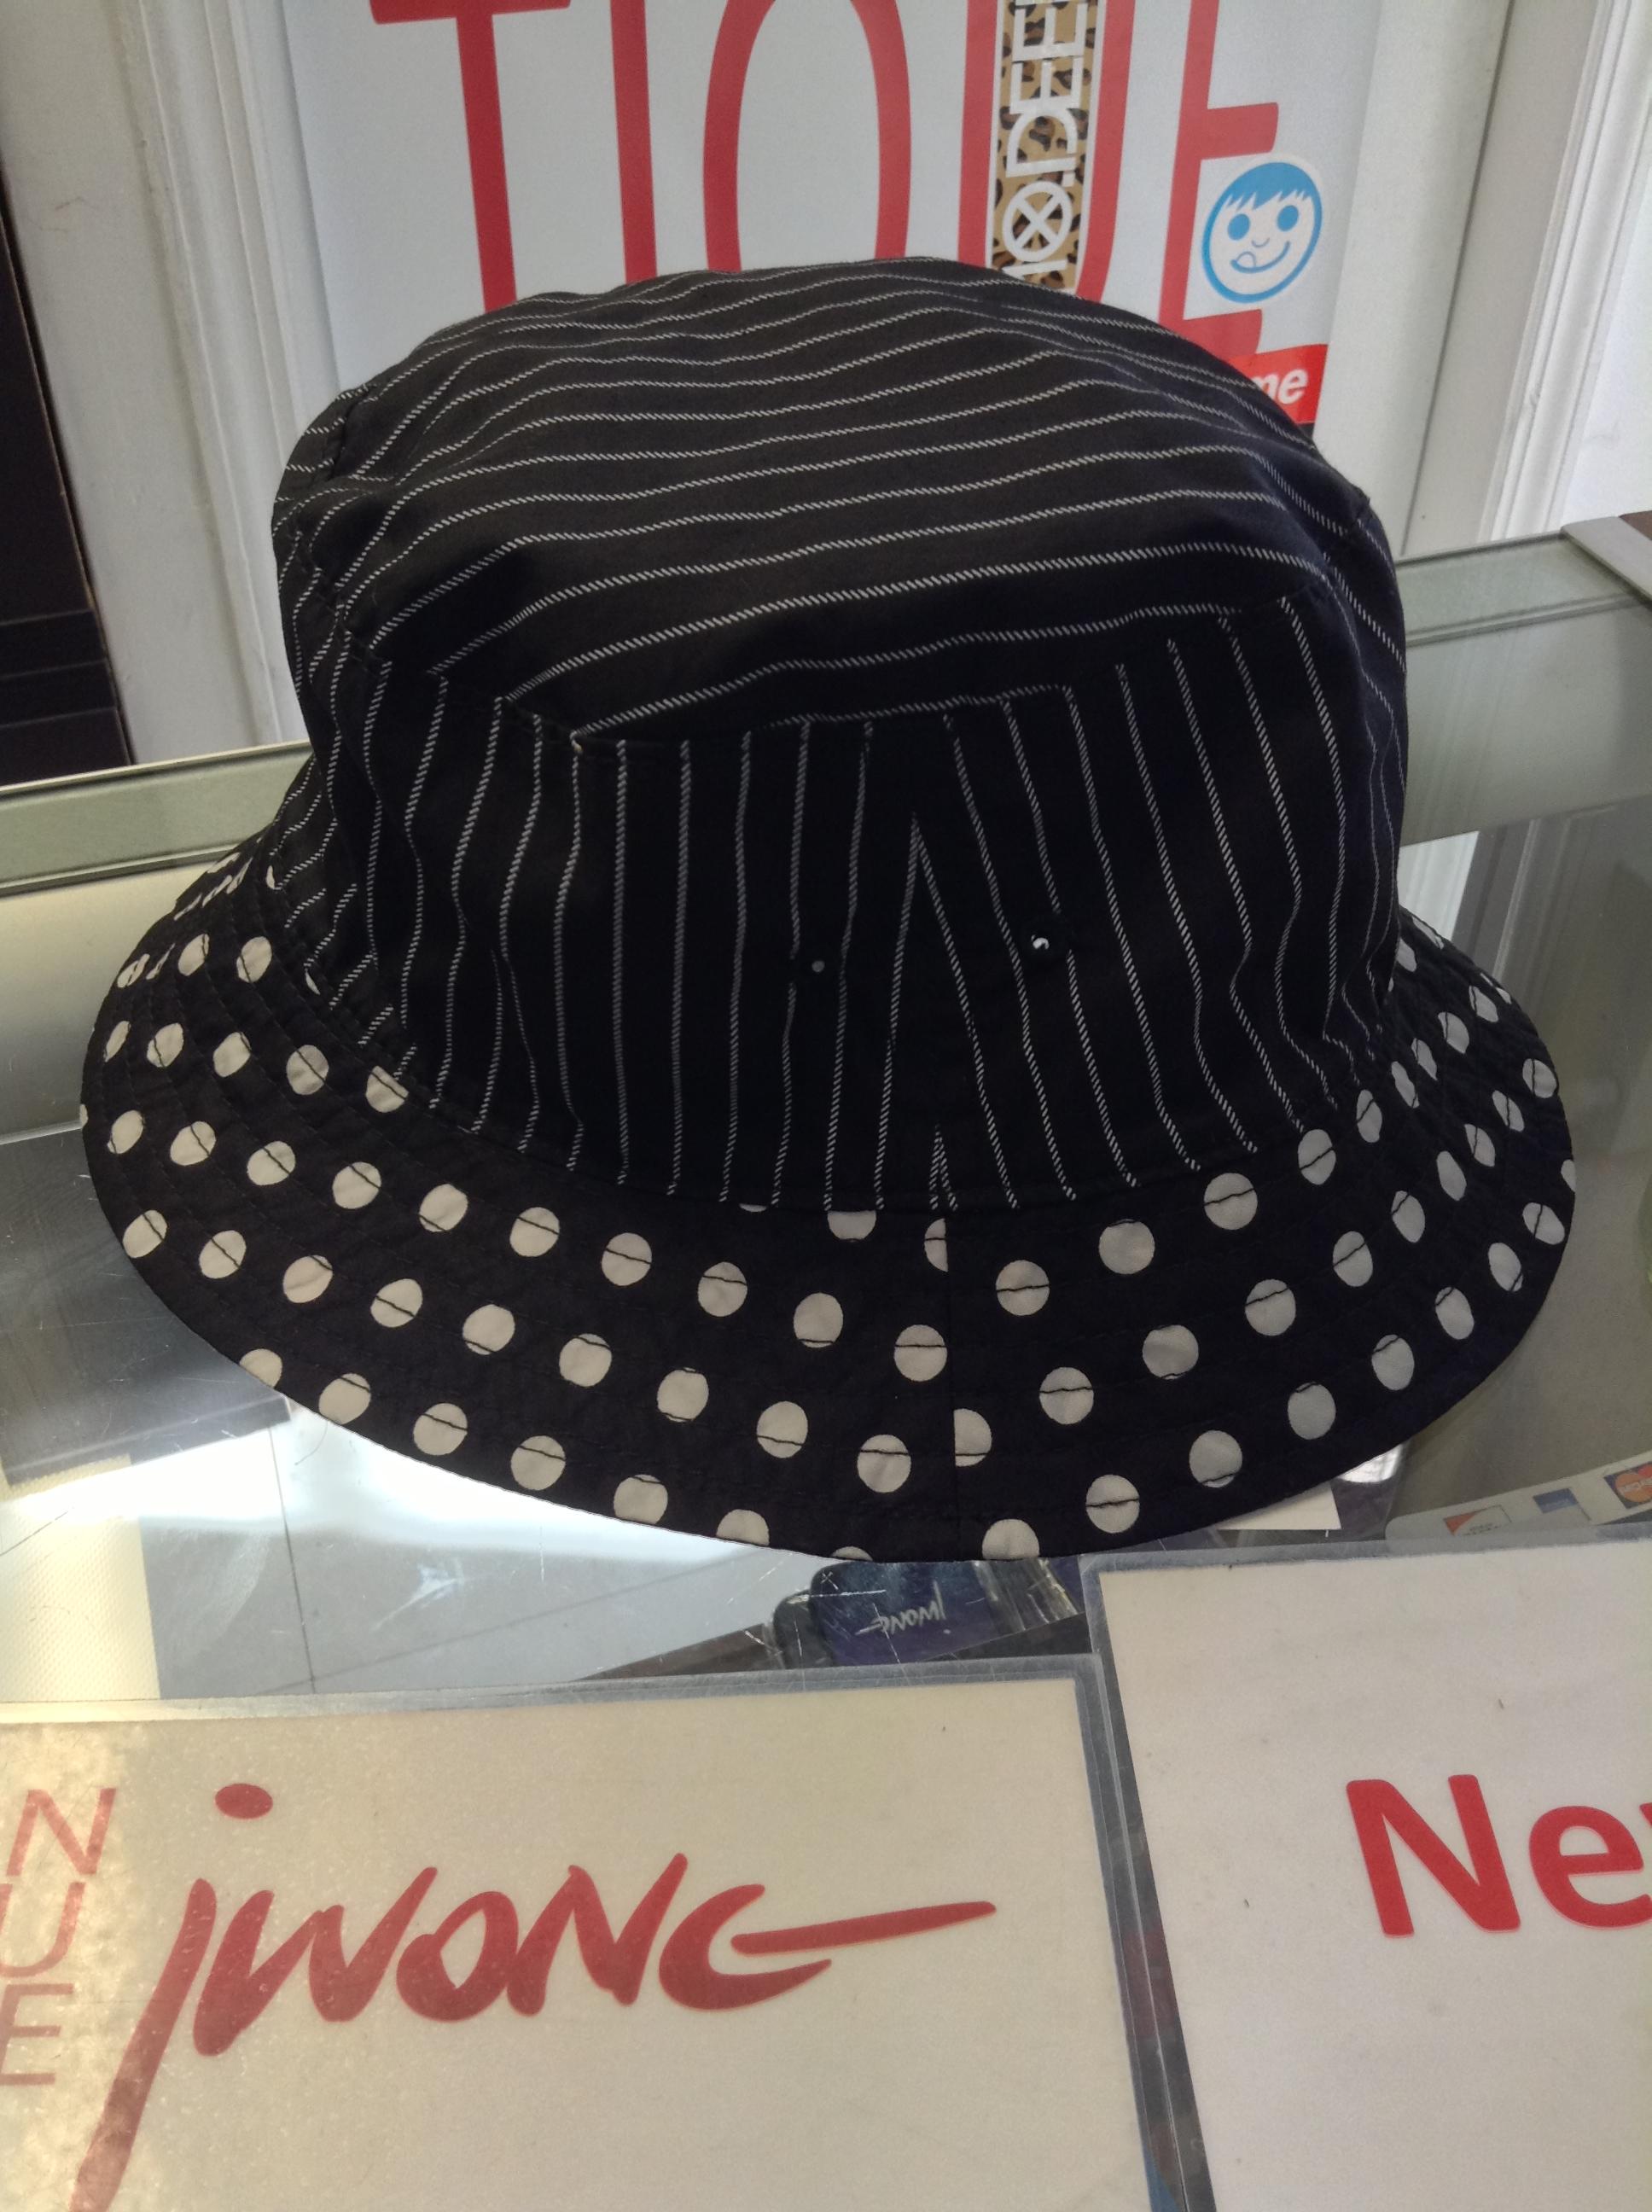 2014 Supreme Cdg Main Crusher Black Bucket Hat Jwong